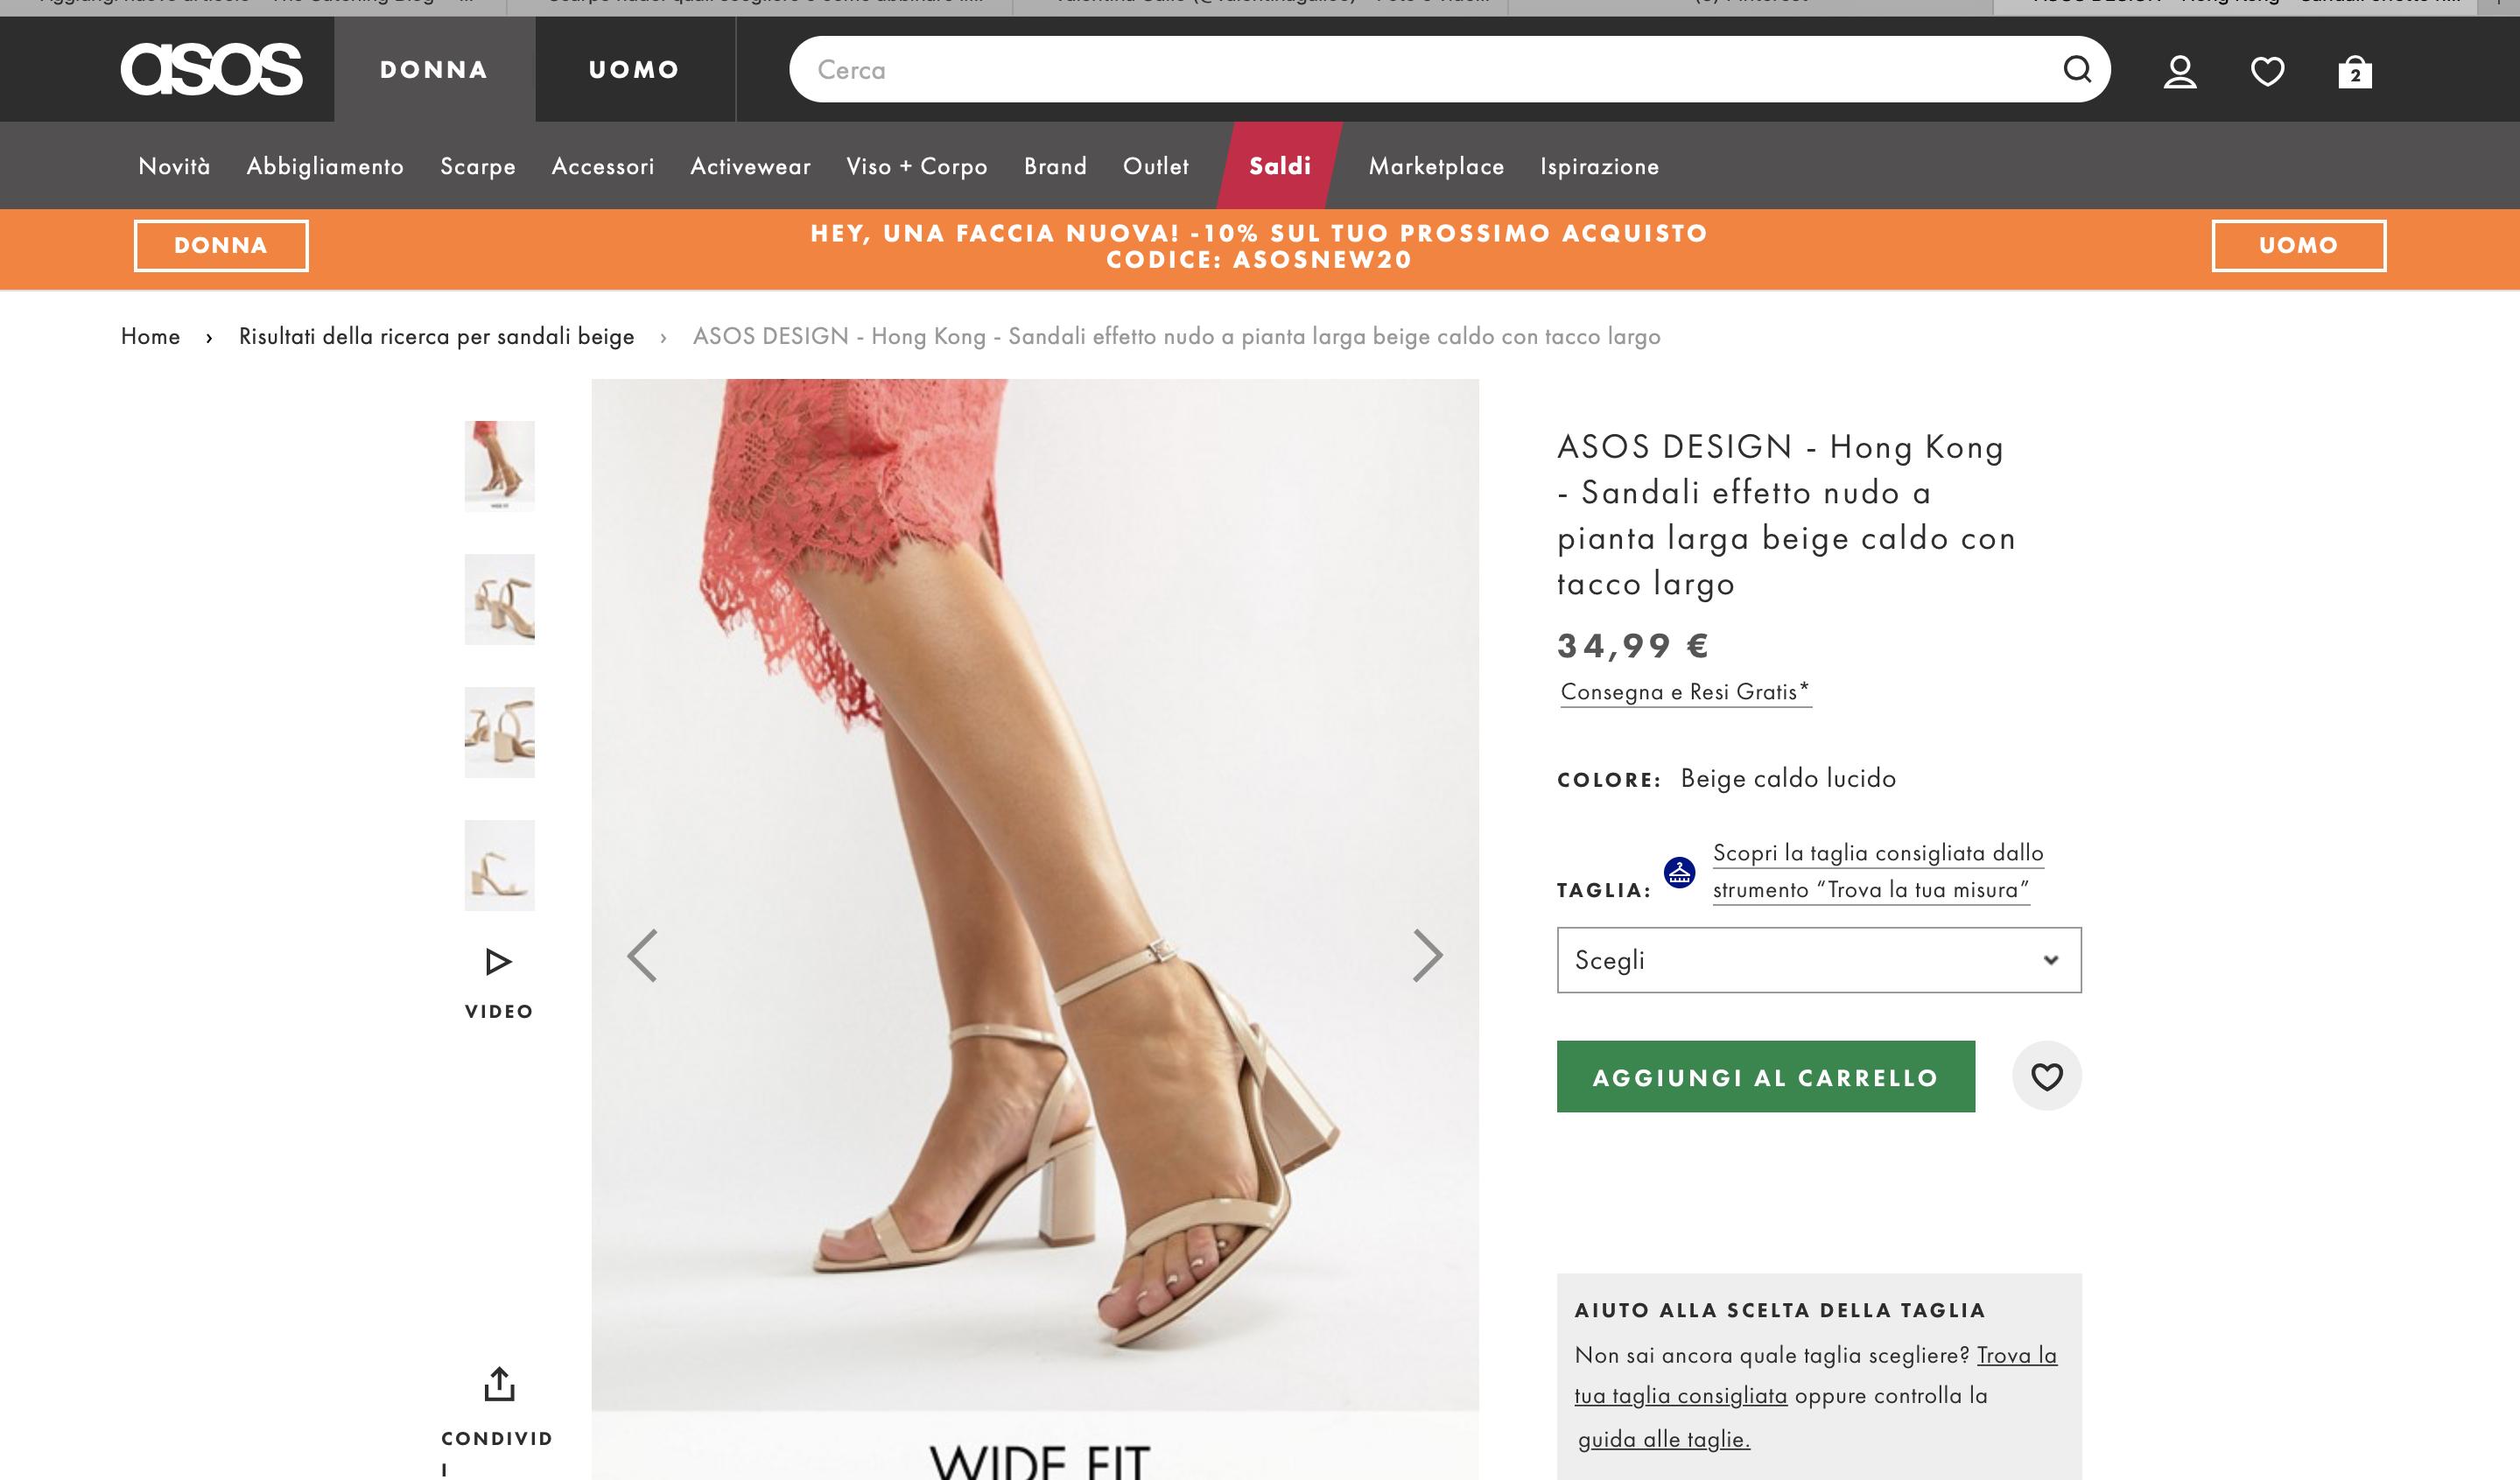 Scarpe nude: quali scegliere e come abbinare il color carne